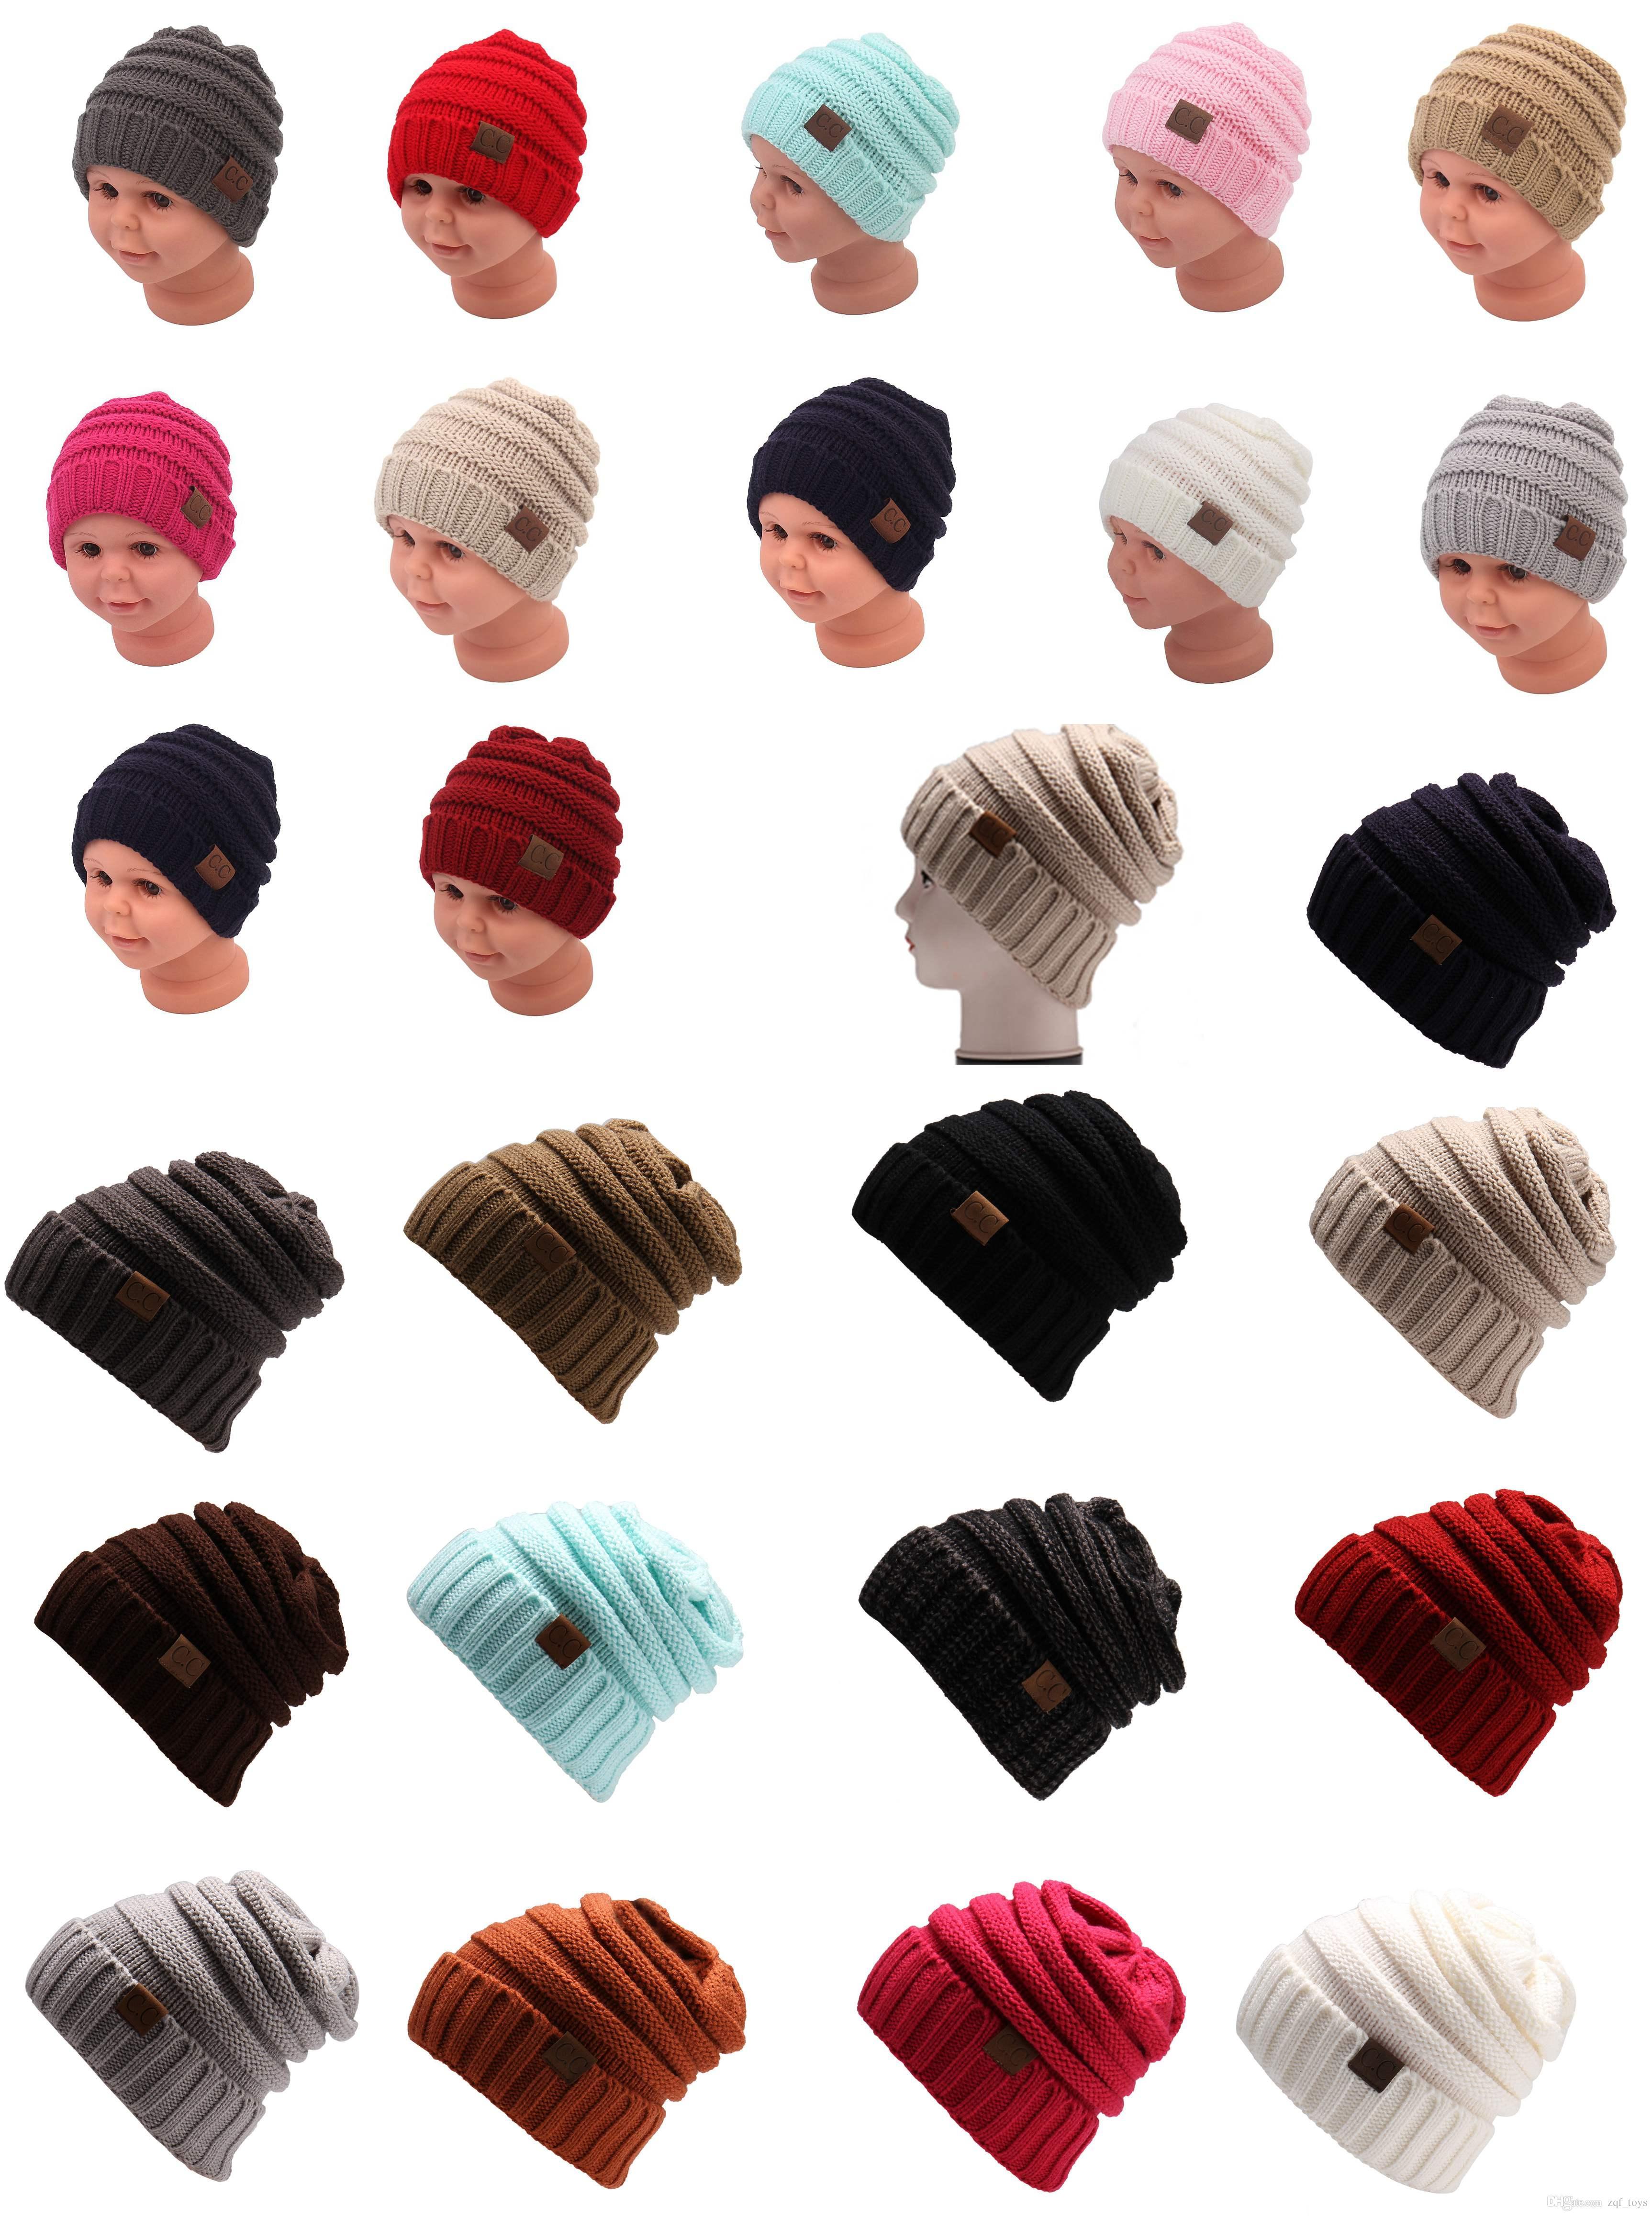 Compre Tejido De Punto Woole Cc Sombrero De Moda Sombrero Hombres ...